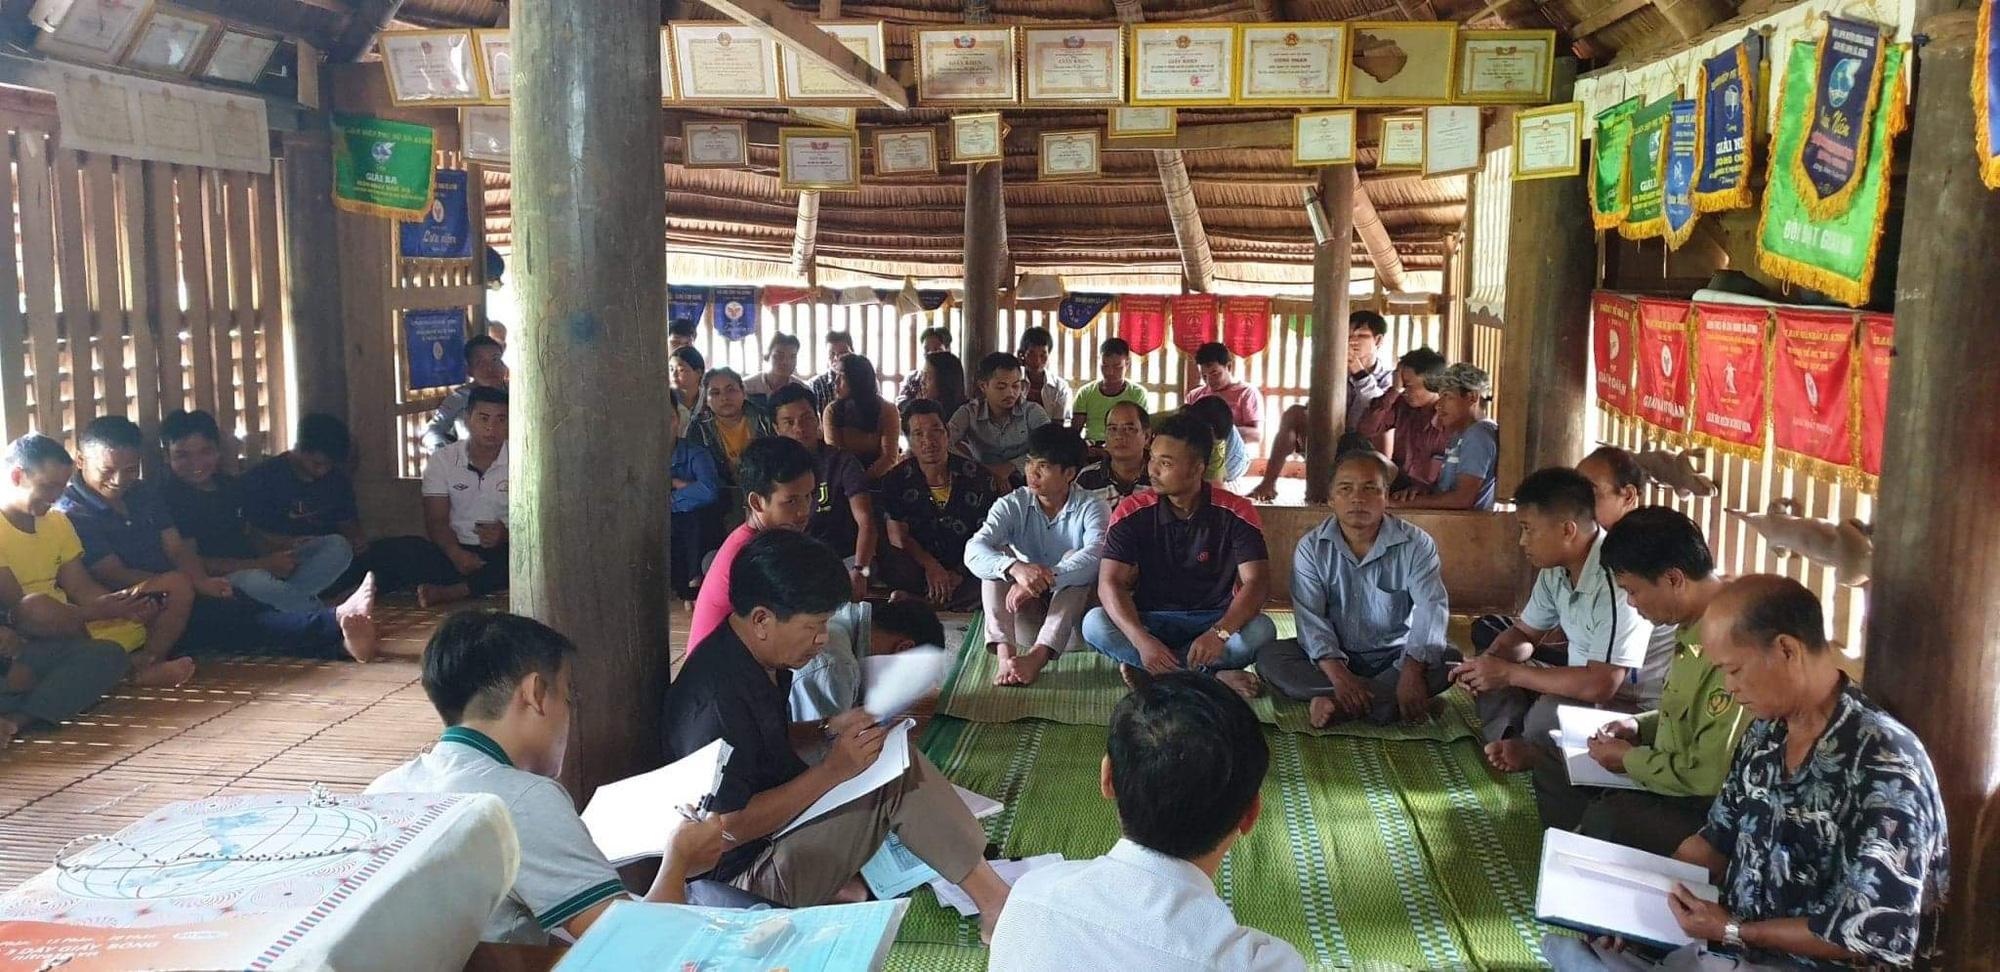 Quỹ Bảo vệ và phát triển rừng Quảng Nam - Vượt khó để hoàn thành nhiệm vụ - Ảnh 2.